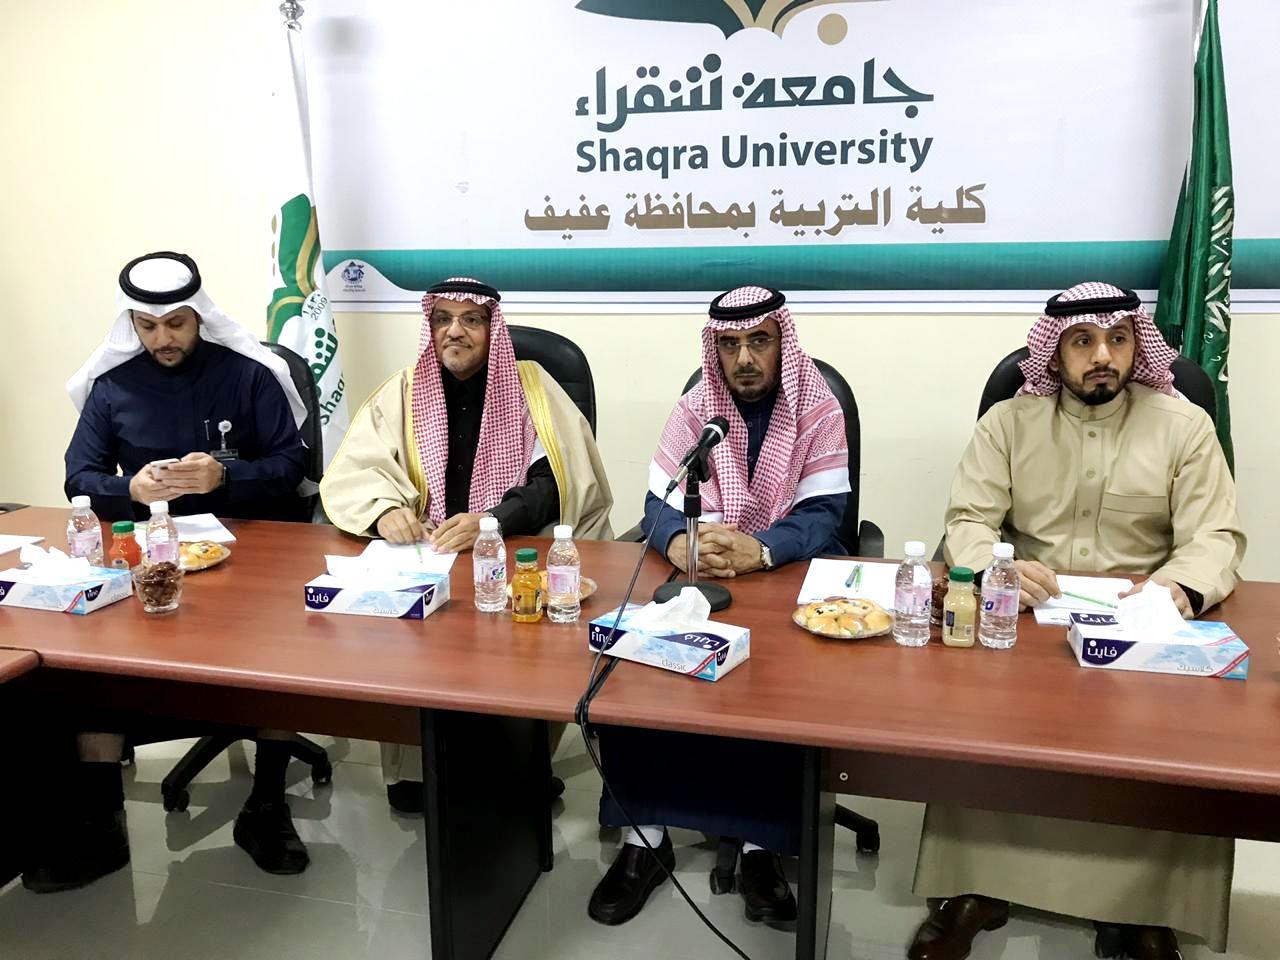 بالصور: مدير جامعة شقراء يزور محافظة عفيف ويلتقي الأهالي